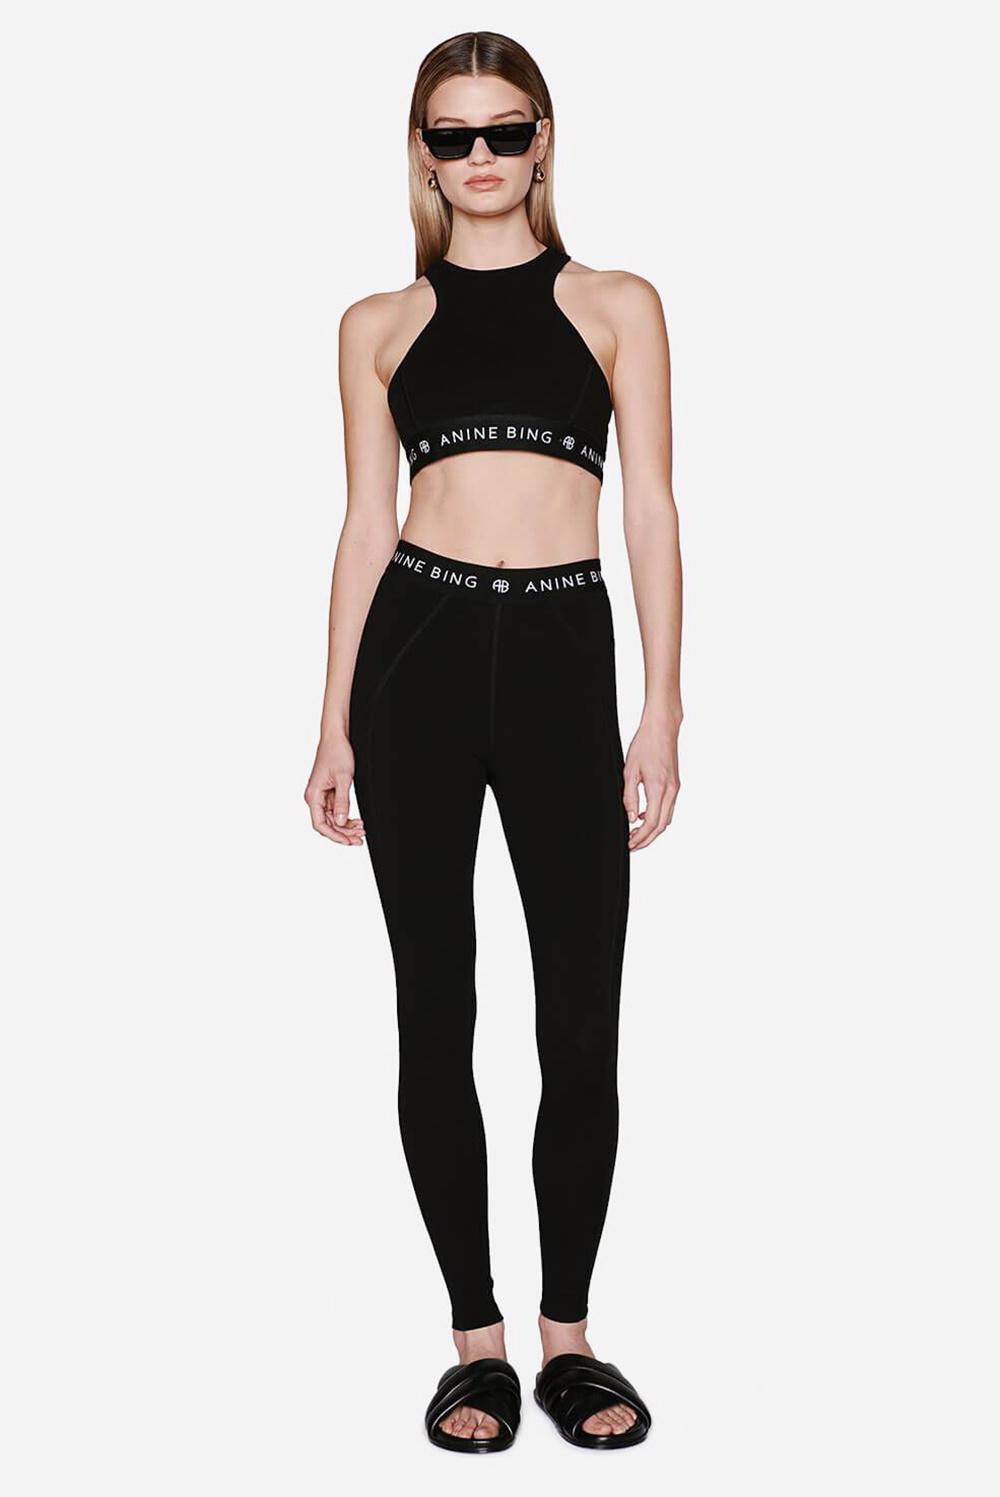 Anine Bing broek Carly S-03-3097-000 zwart